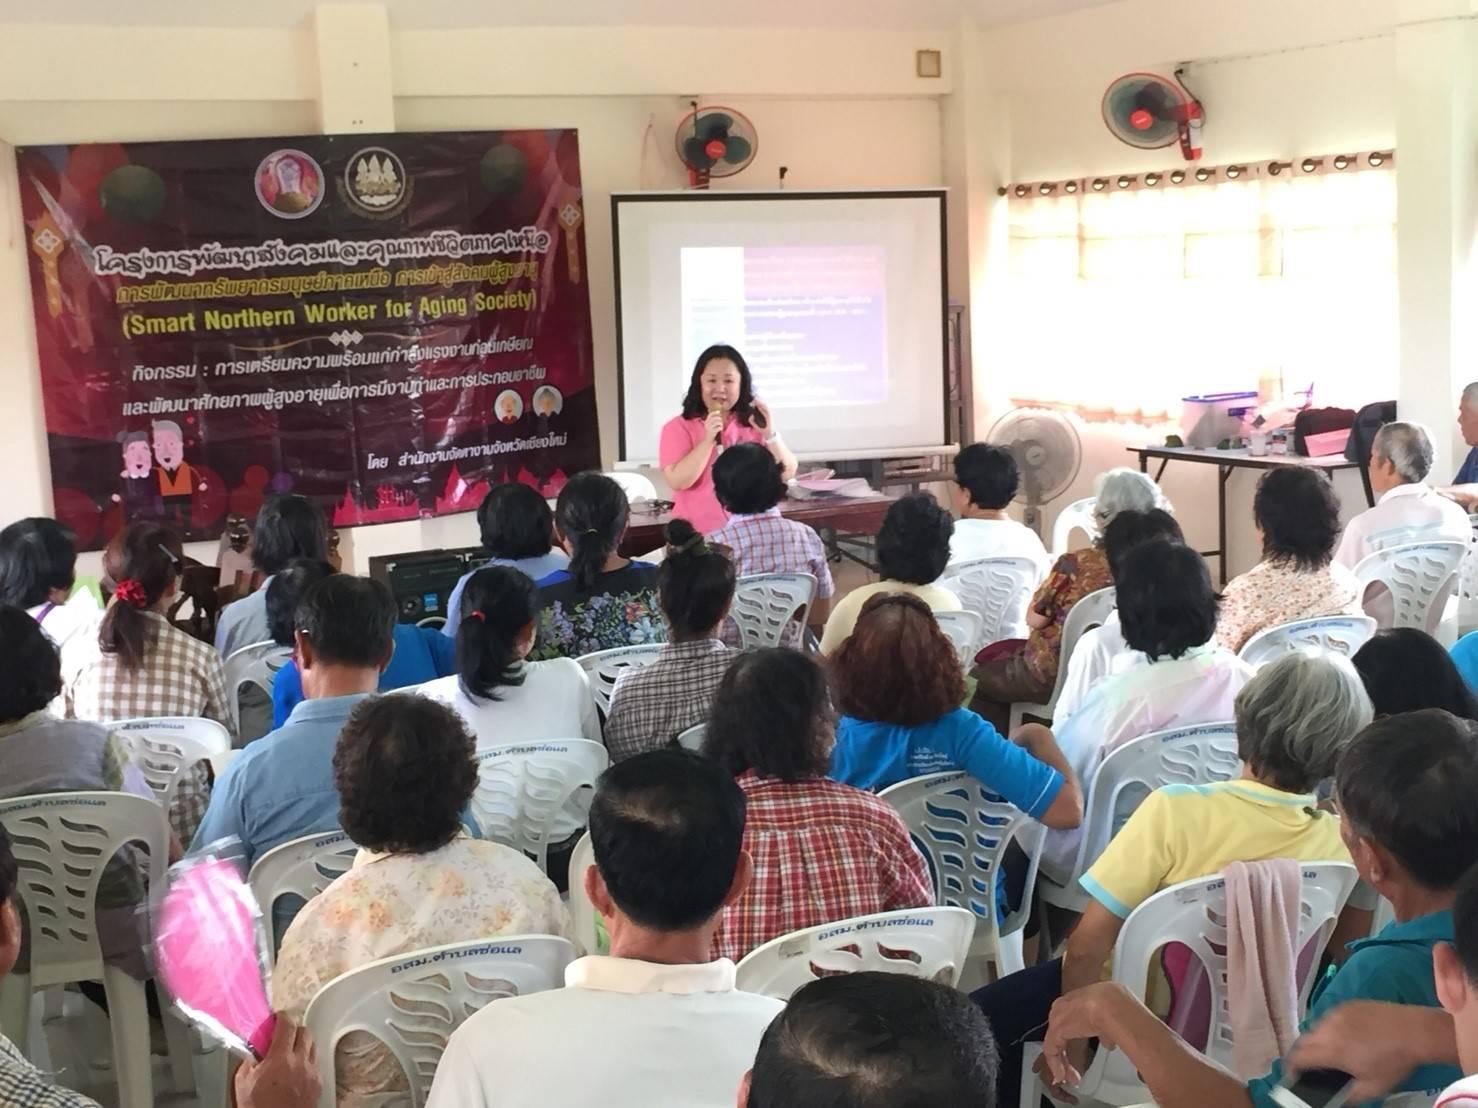 Les autorités de la province de Chiang Mai ont lancé différentes initiatives visant à favoriser l'emploi des personnes âgées